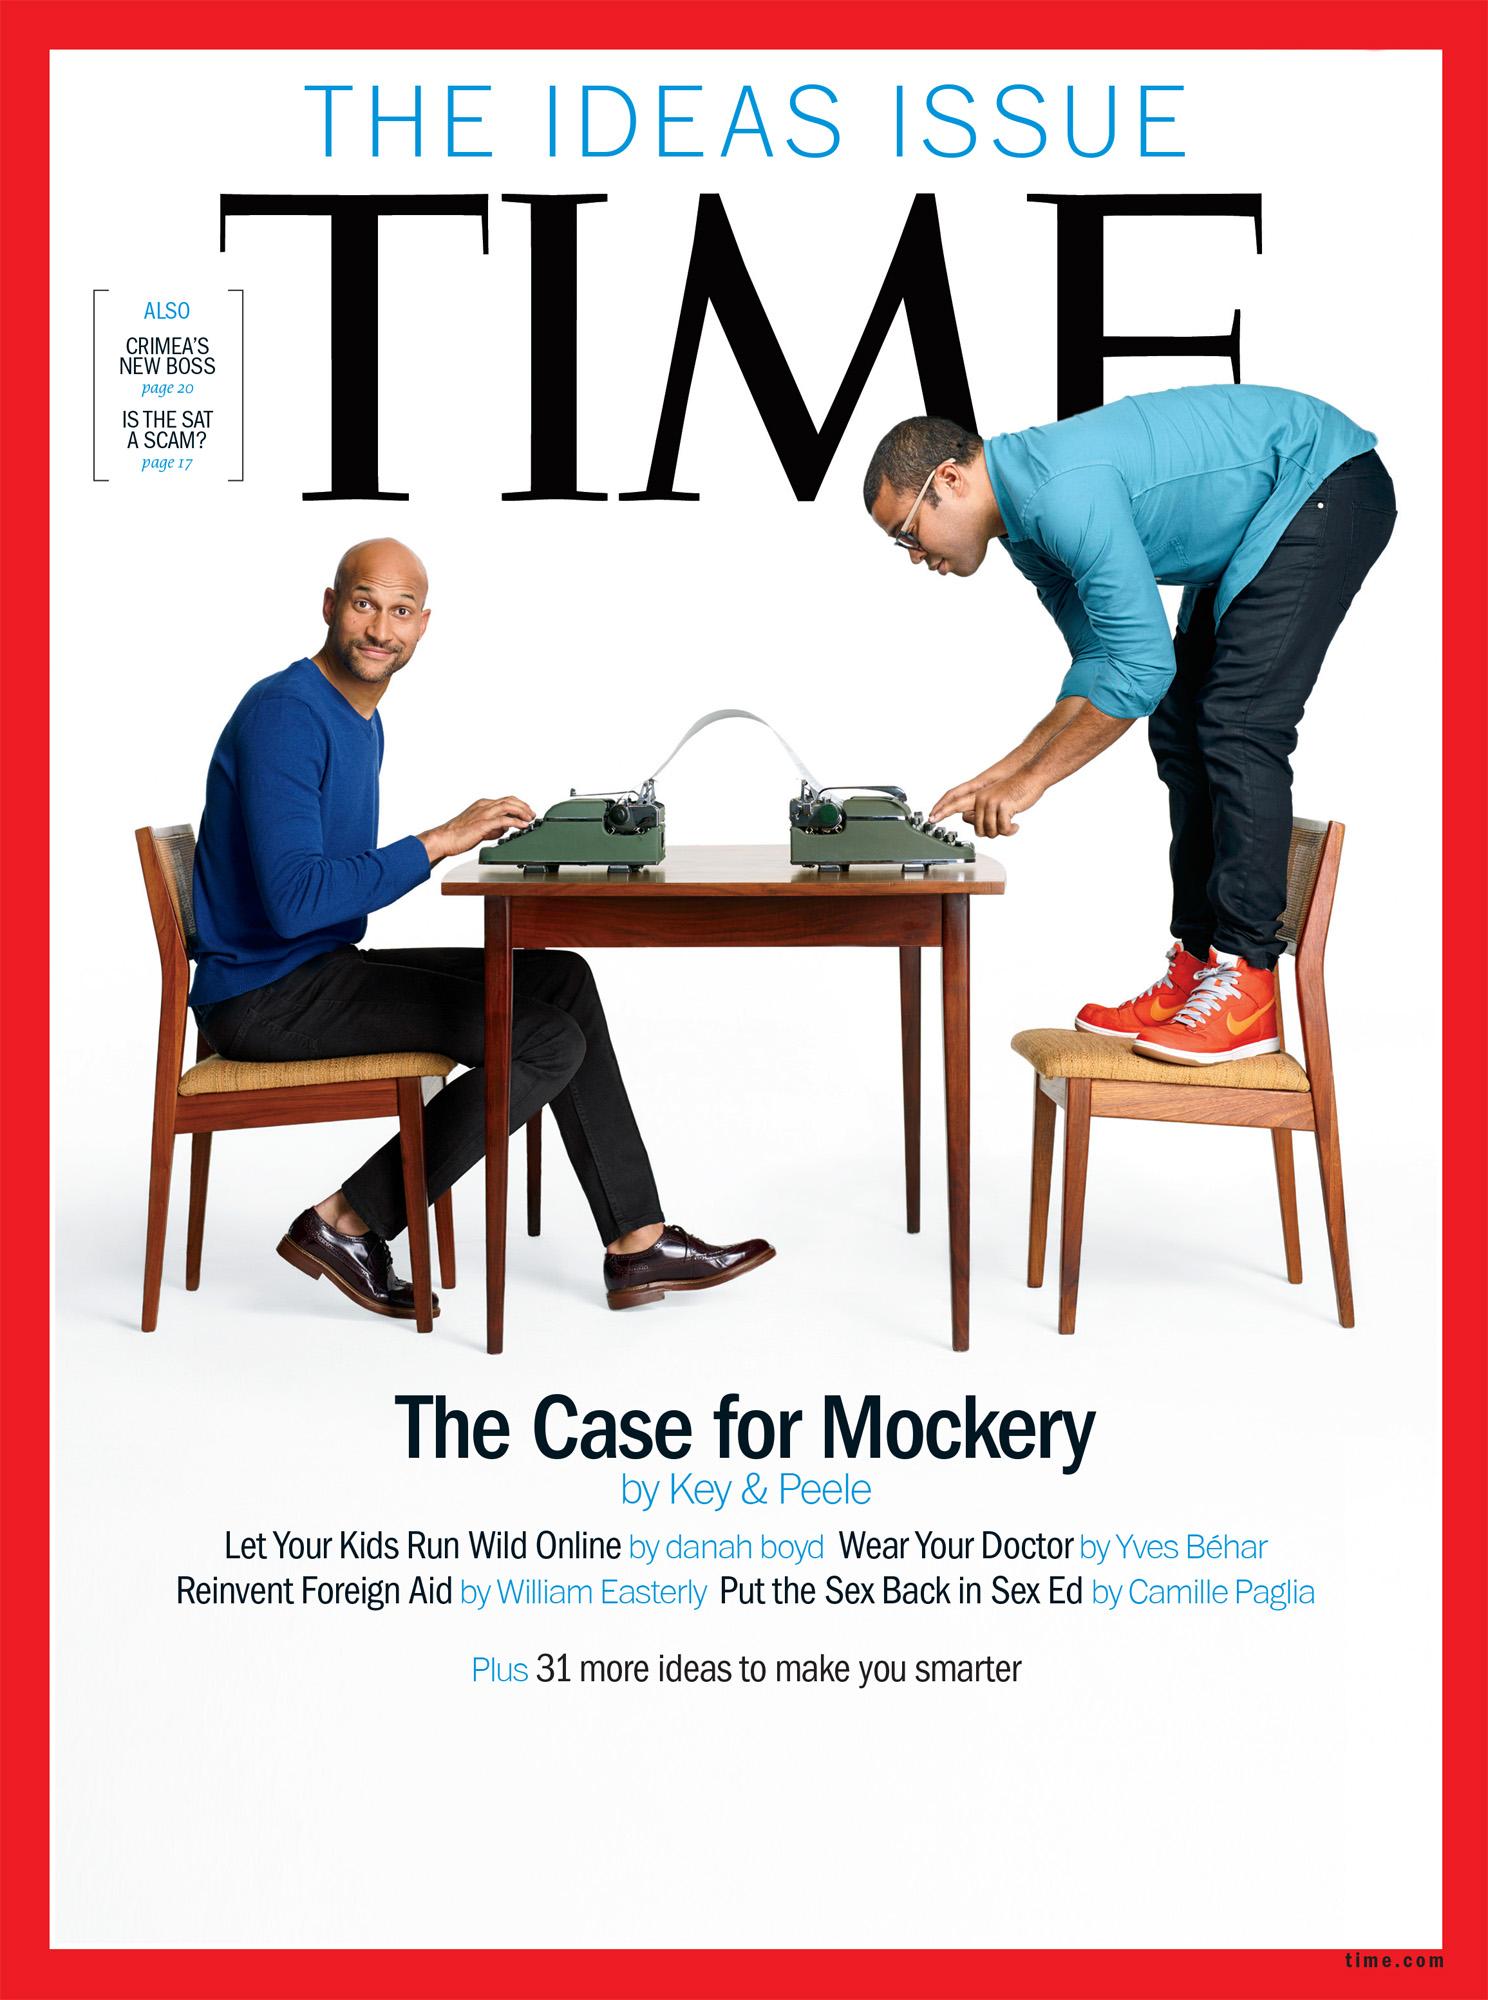 Key & Peele,  Time , Cover Portraits